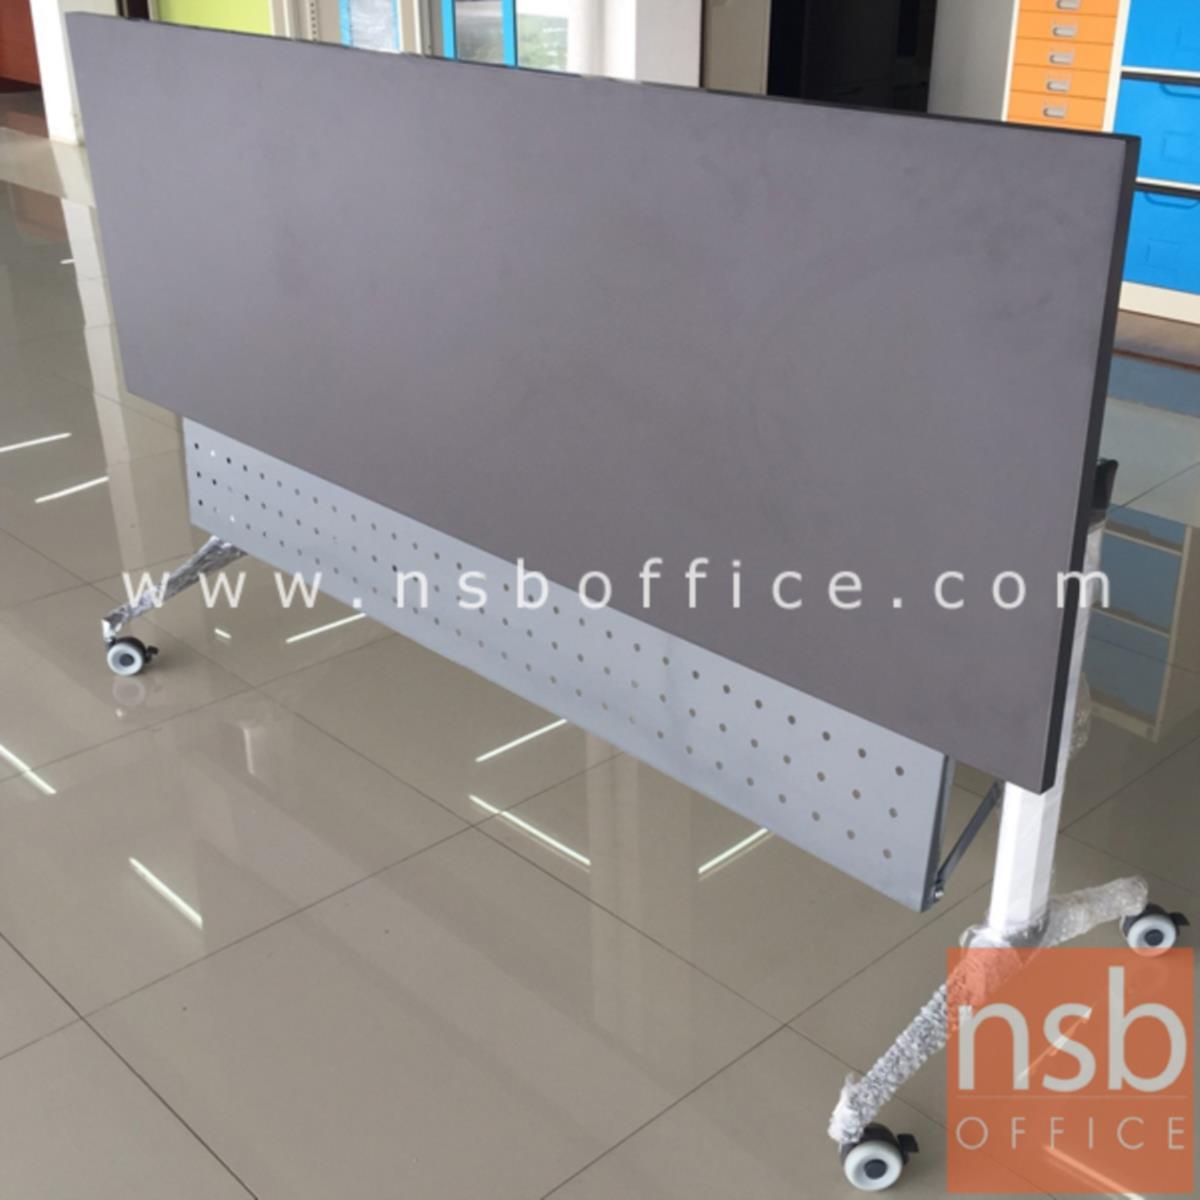 โต๊ะประชุมพับเก็บได้ล้อเลื่อน  ขนาด 120W ,160W ,180W cm.  พร้อมบังตาเหล็ก ขาอลูมินั่ม